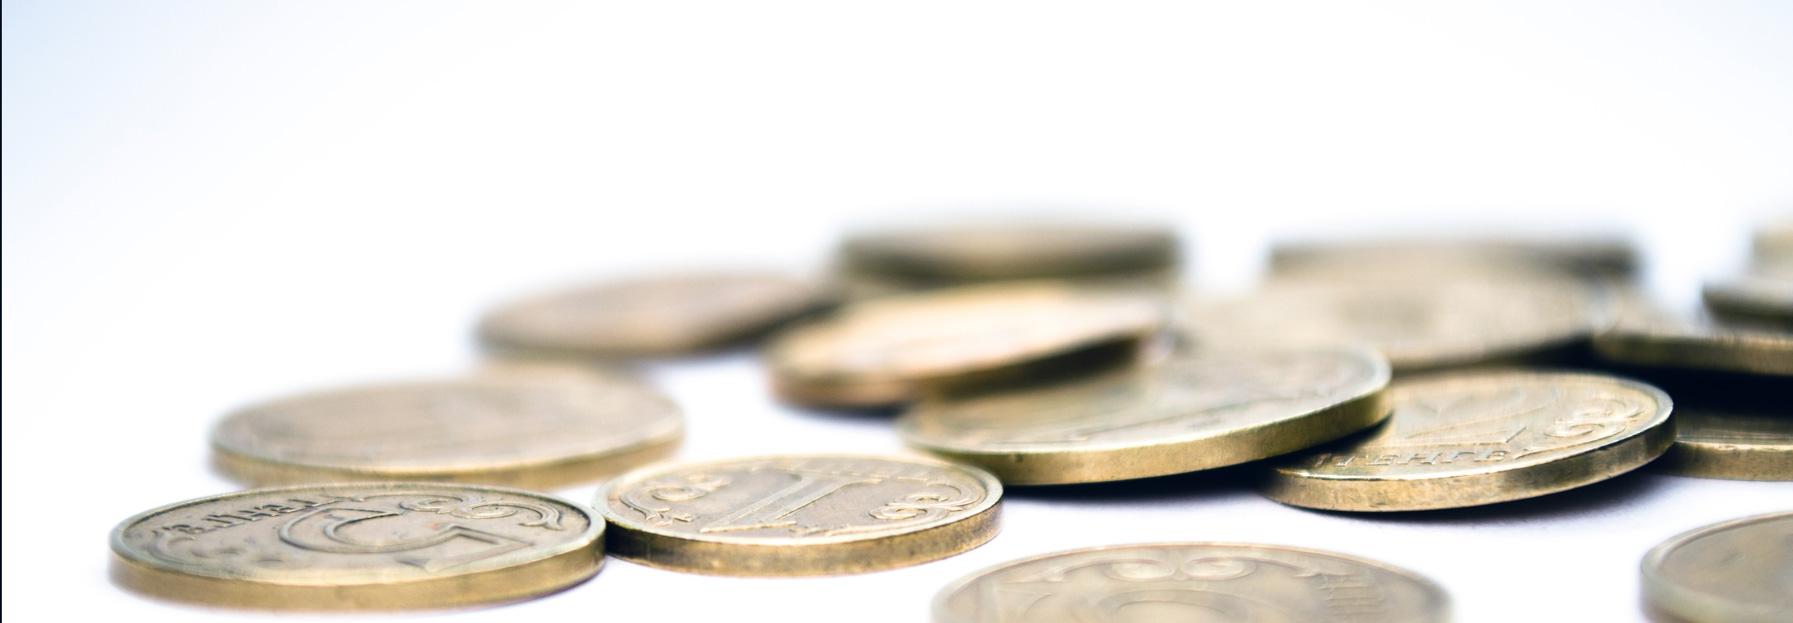 Coins1793x623